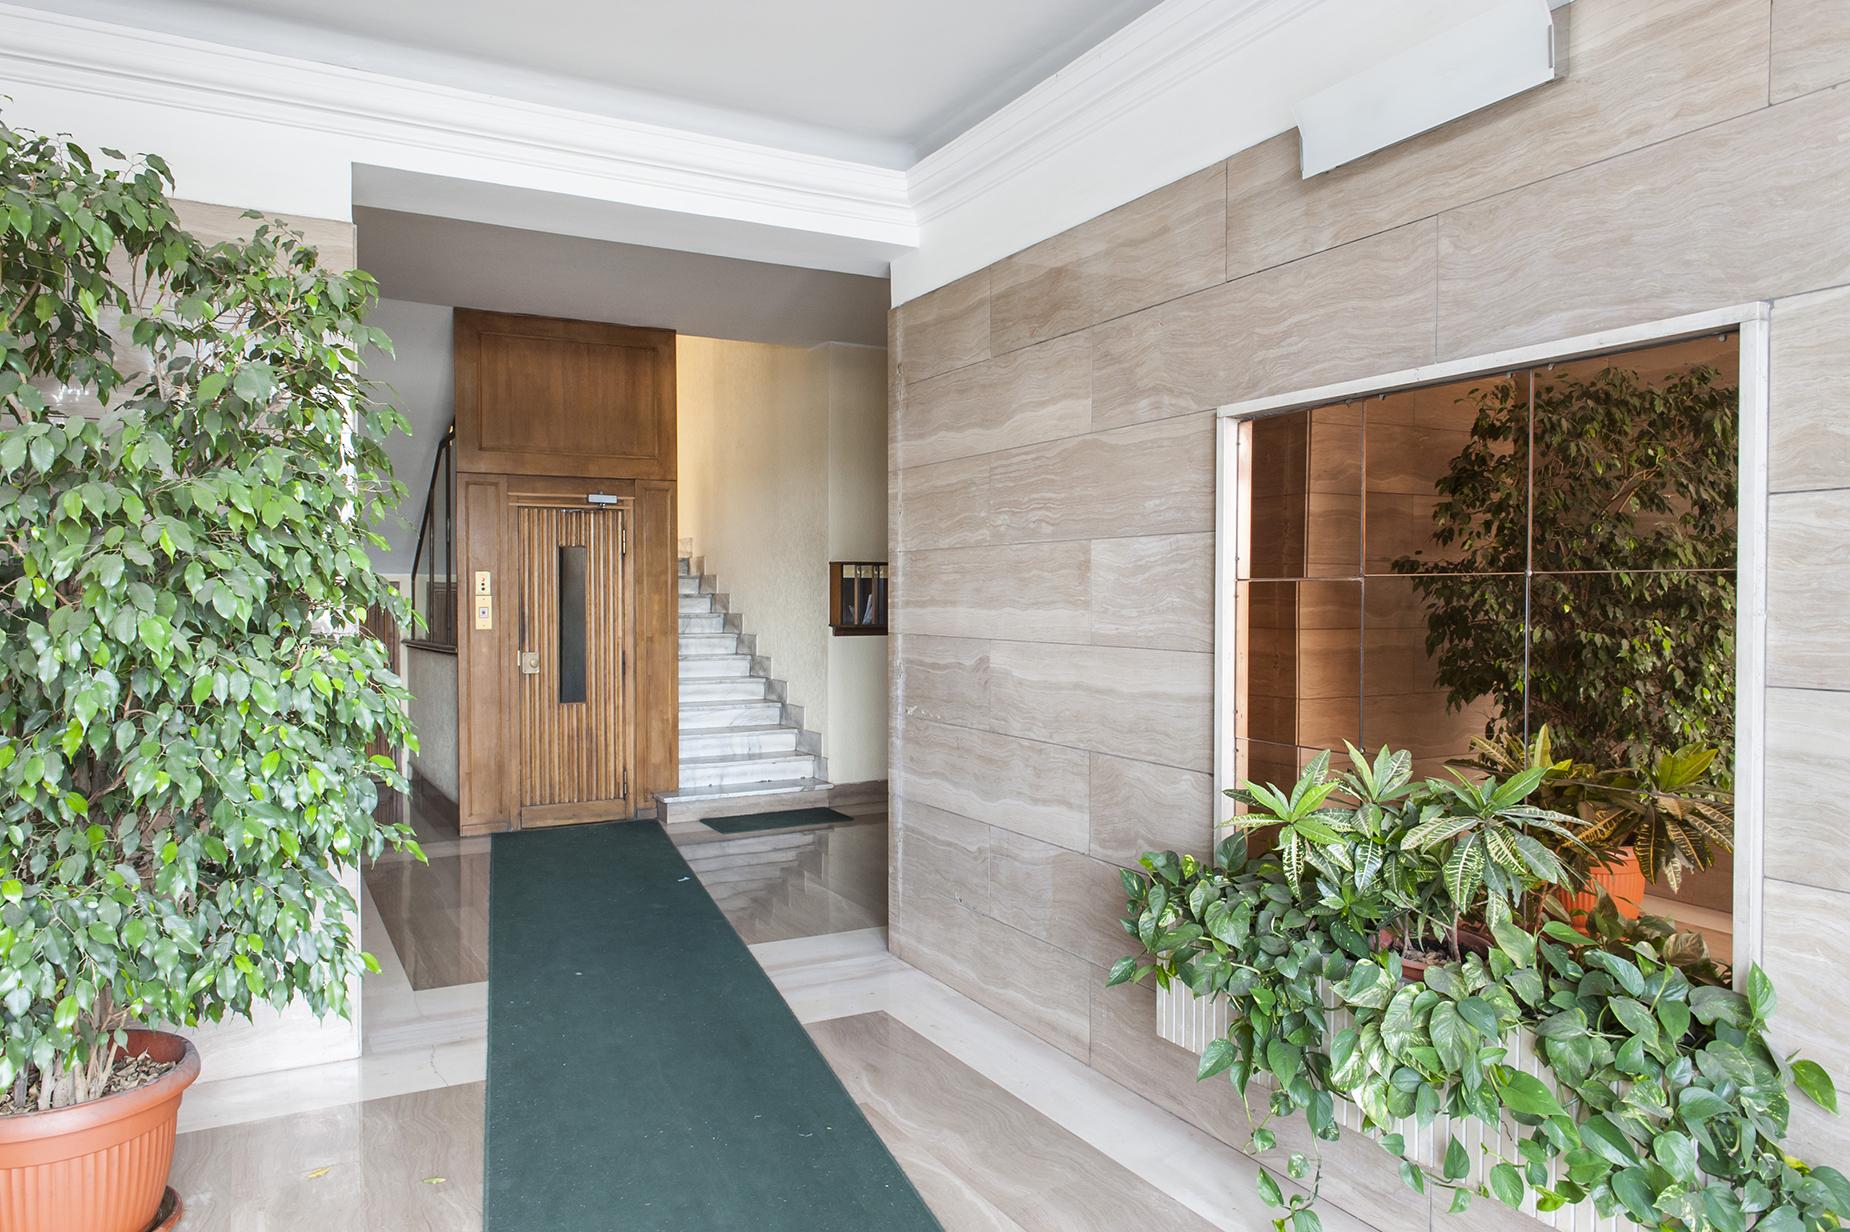 Appartamento in Vendita a Roma: 5 locali, 140 mq - Foto 21